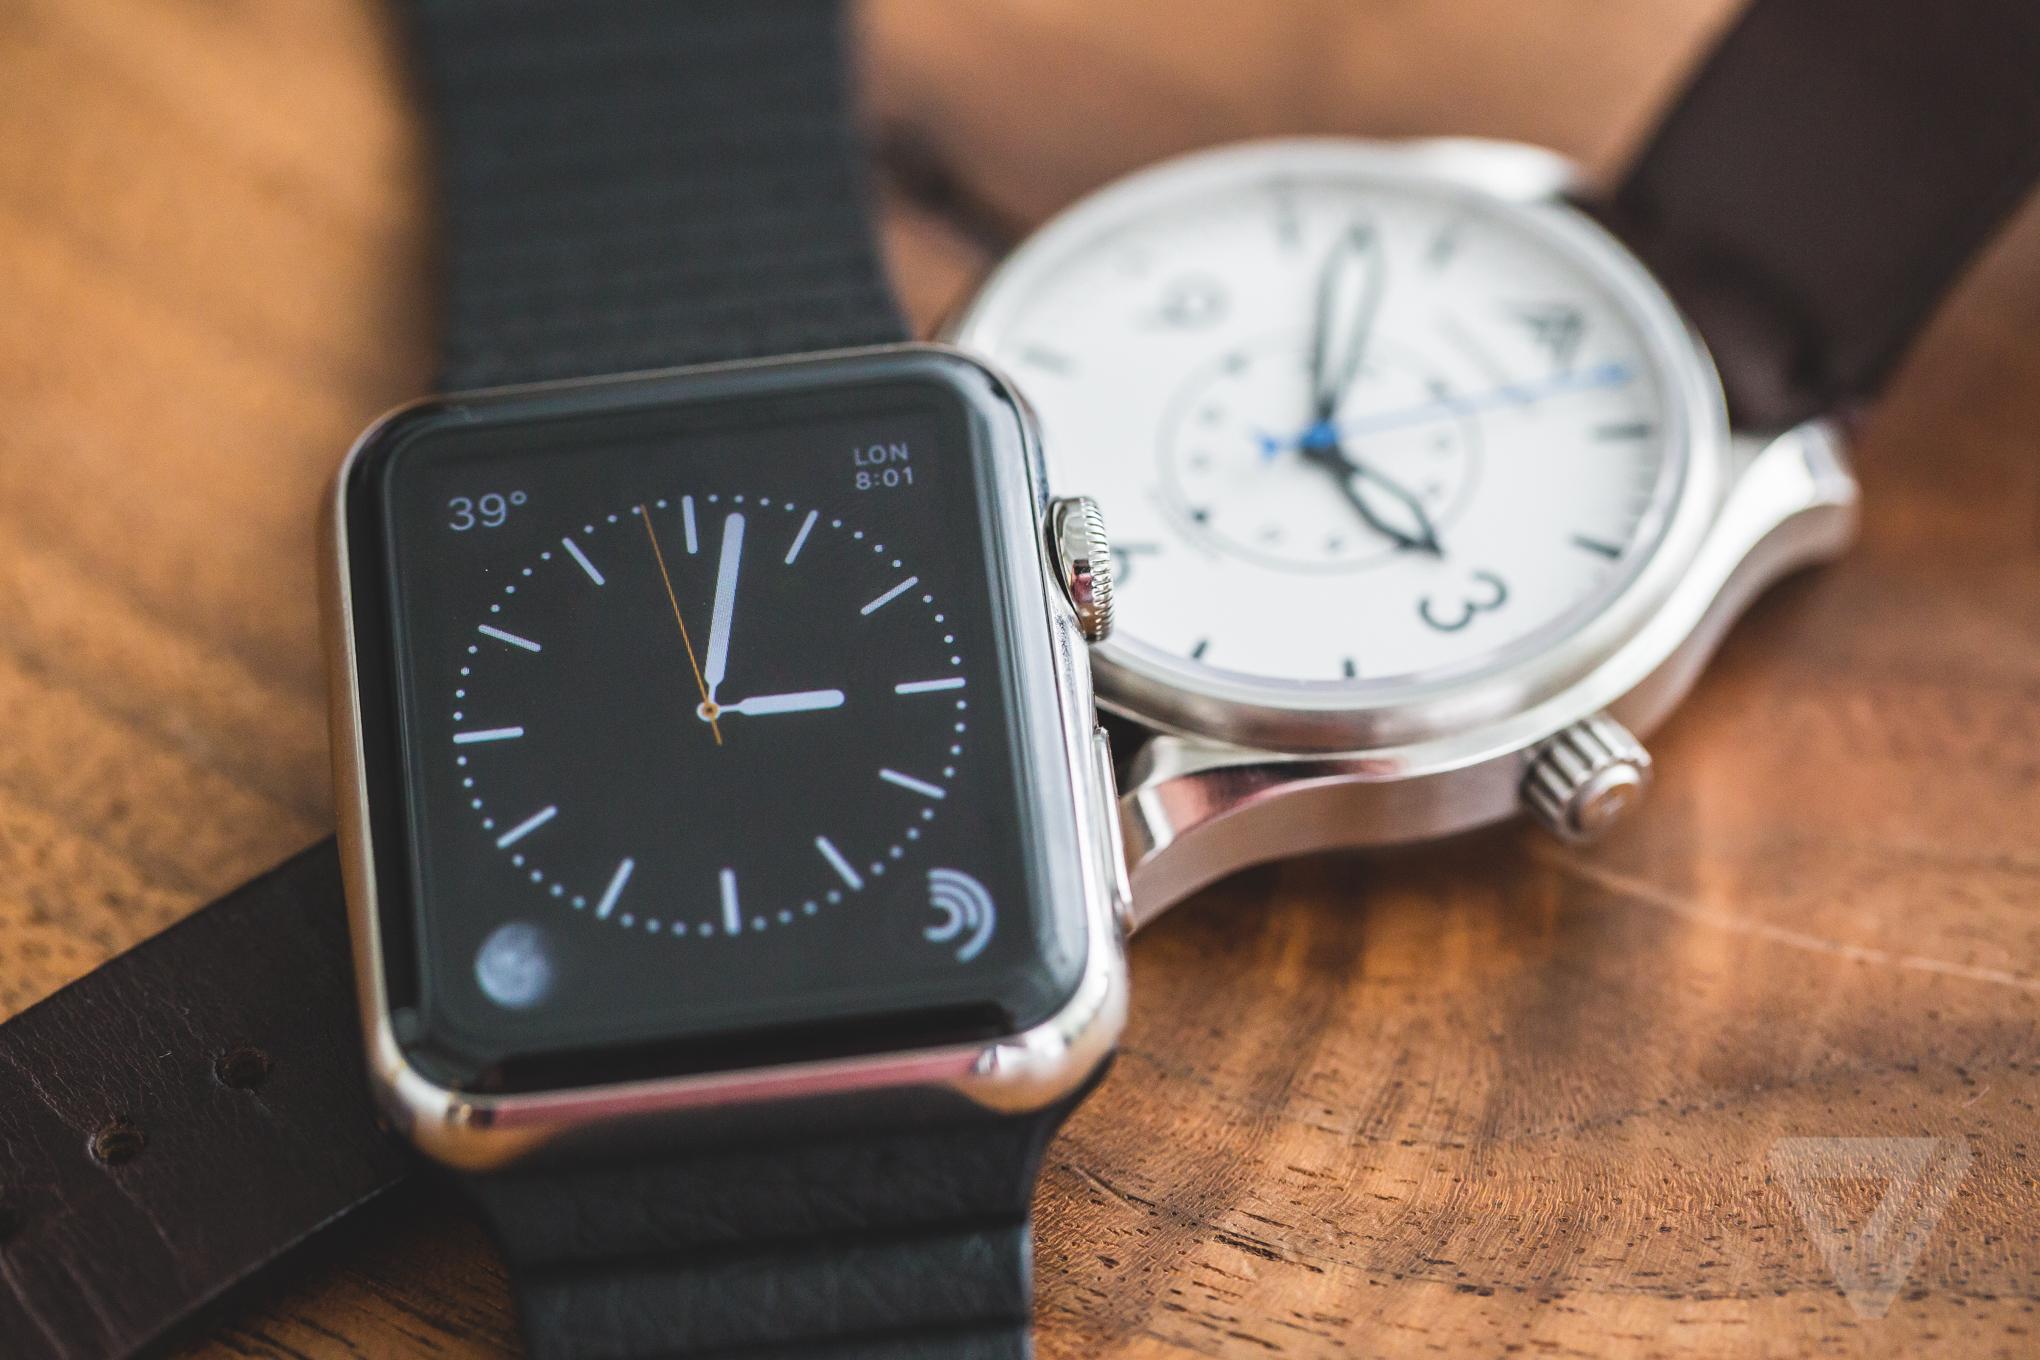 ساعت هوشمند سفارشی اپل یا ساعت های لوکس، کدامیک مناسب دست شماست؟